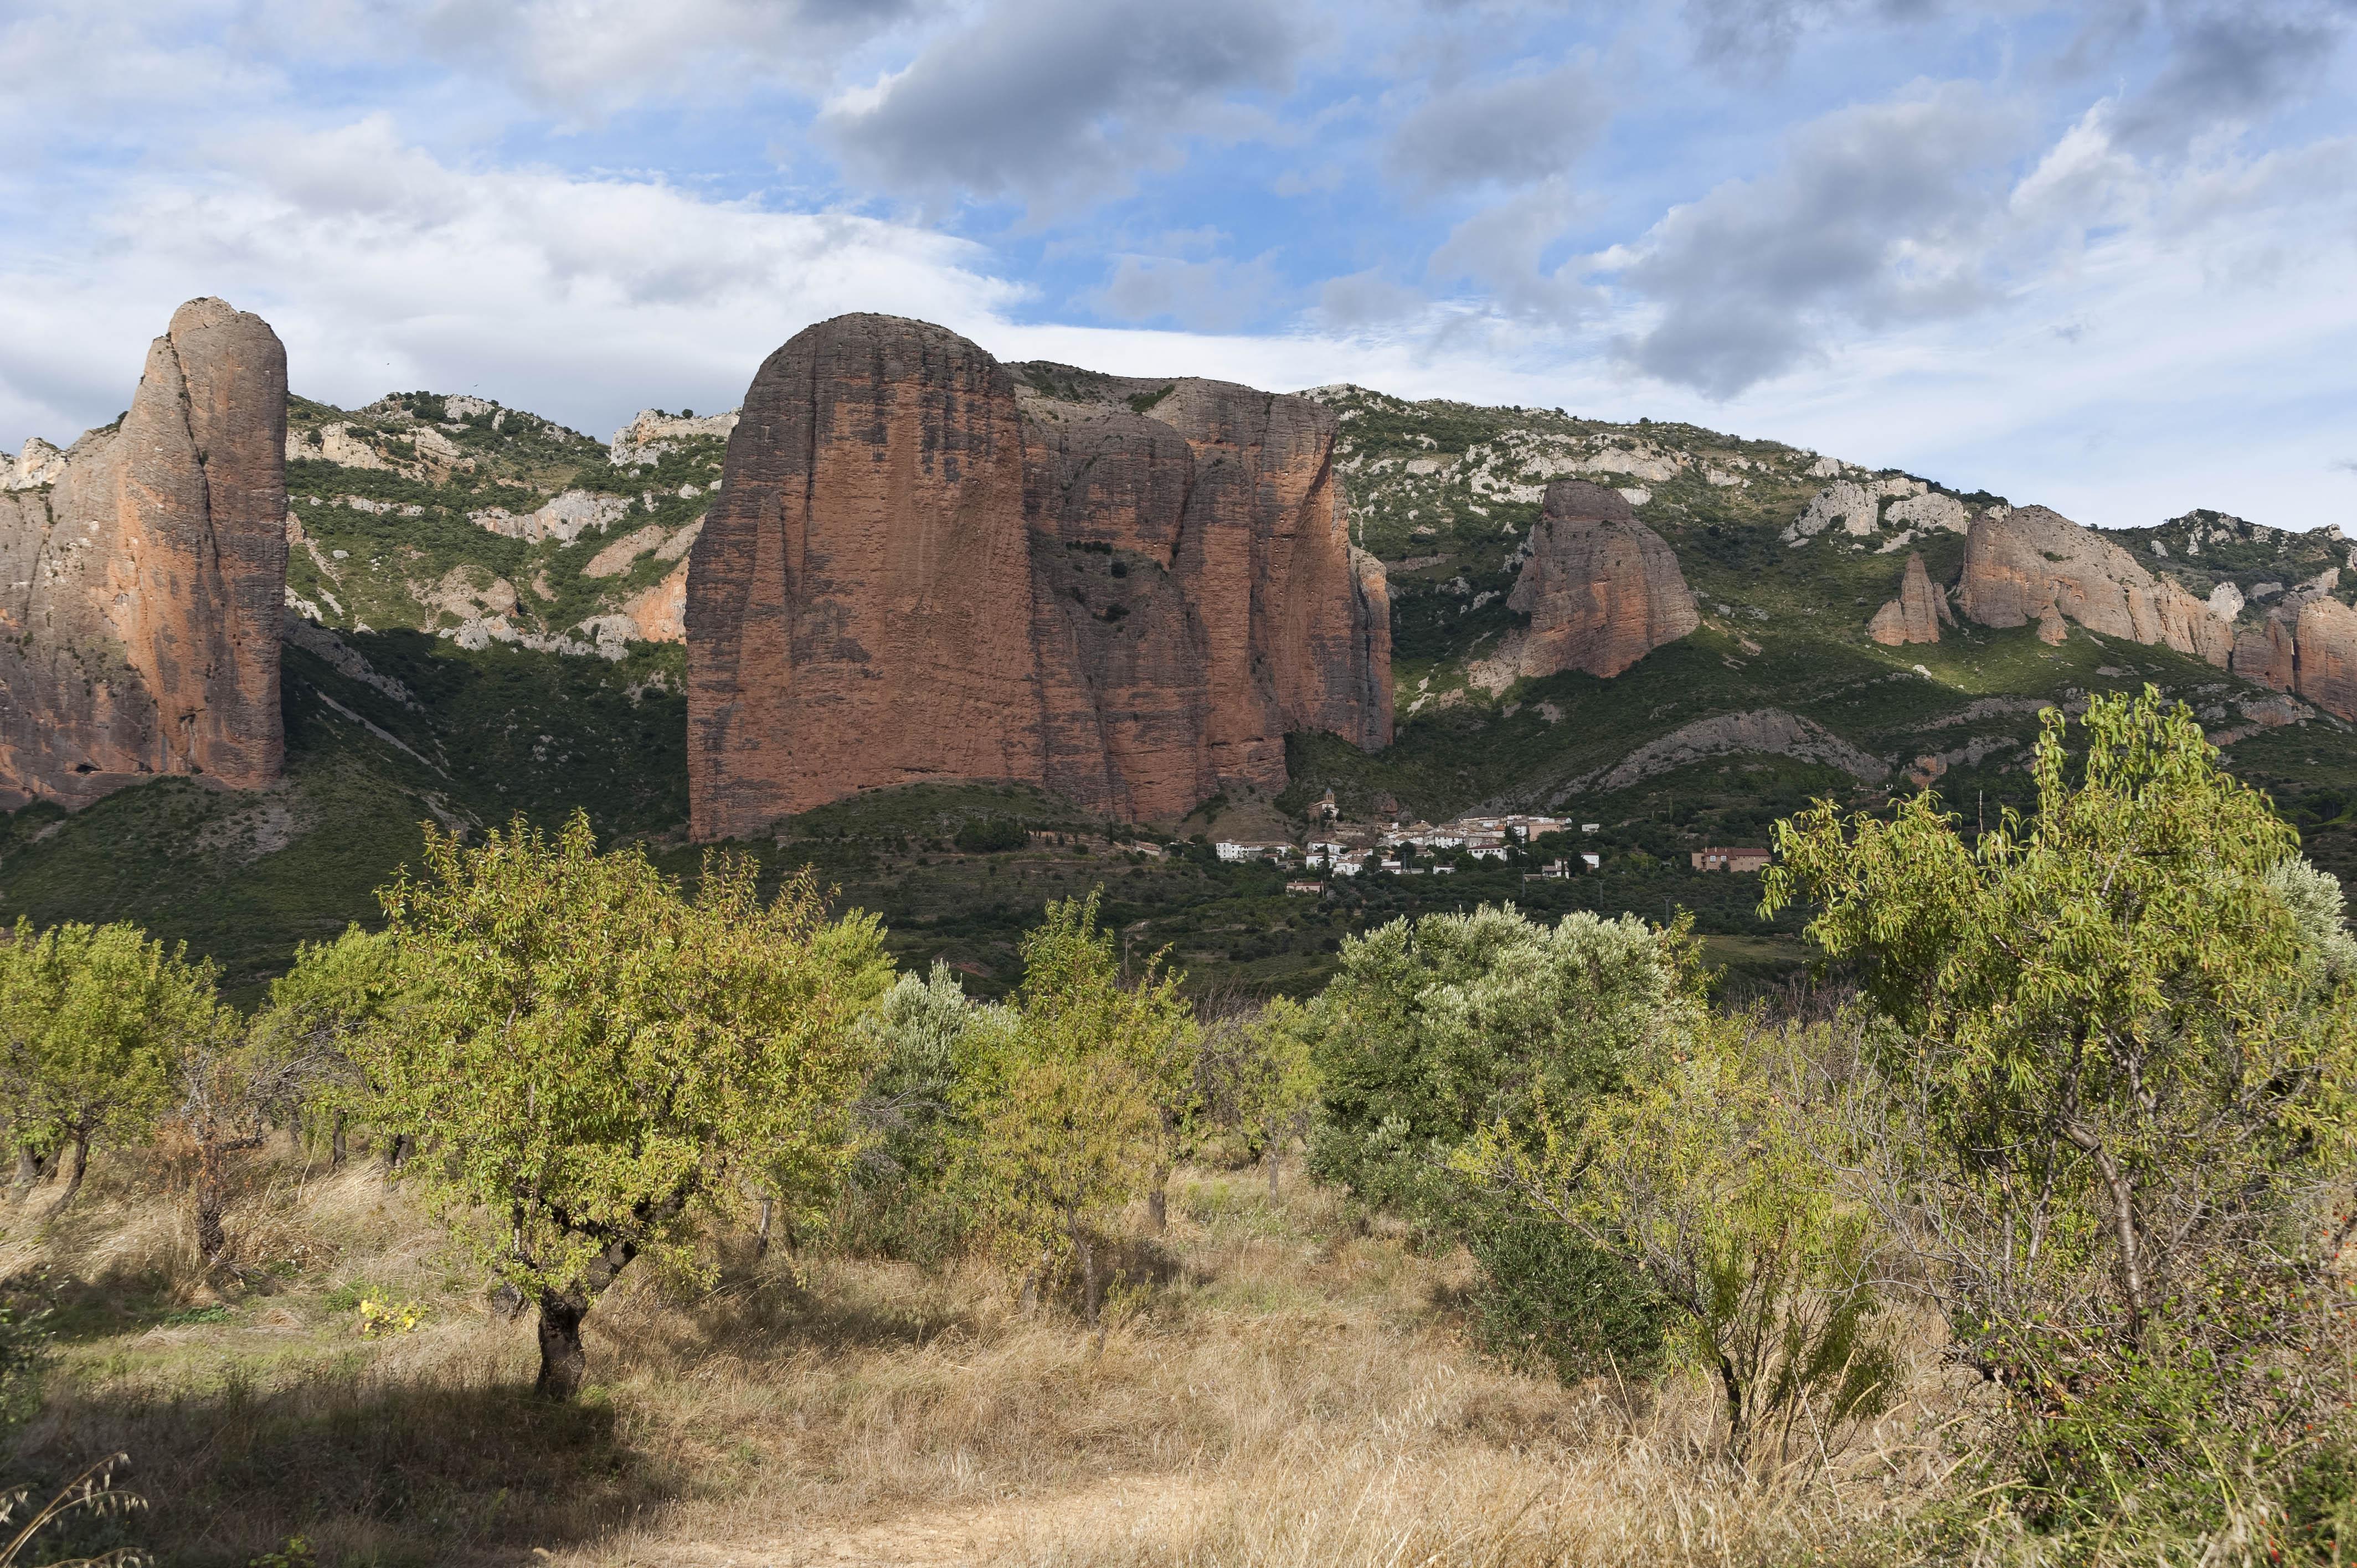 3555_Mallos de Riglos (Aragon)